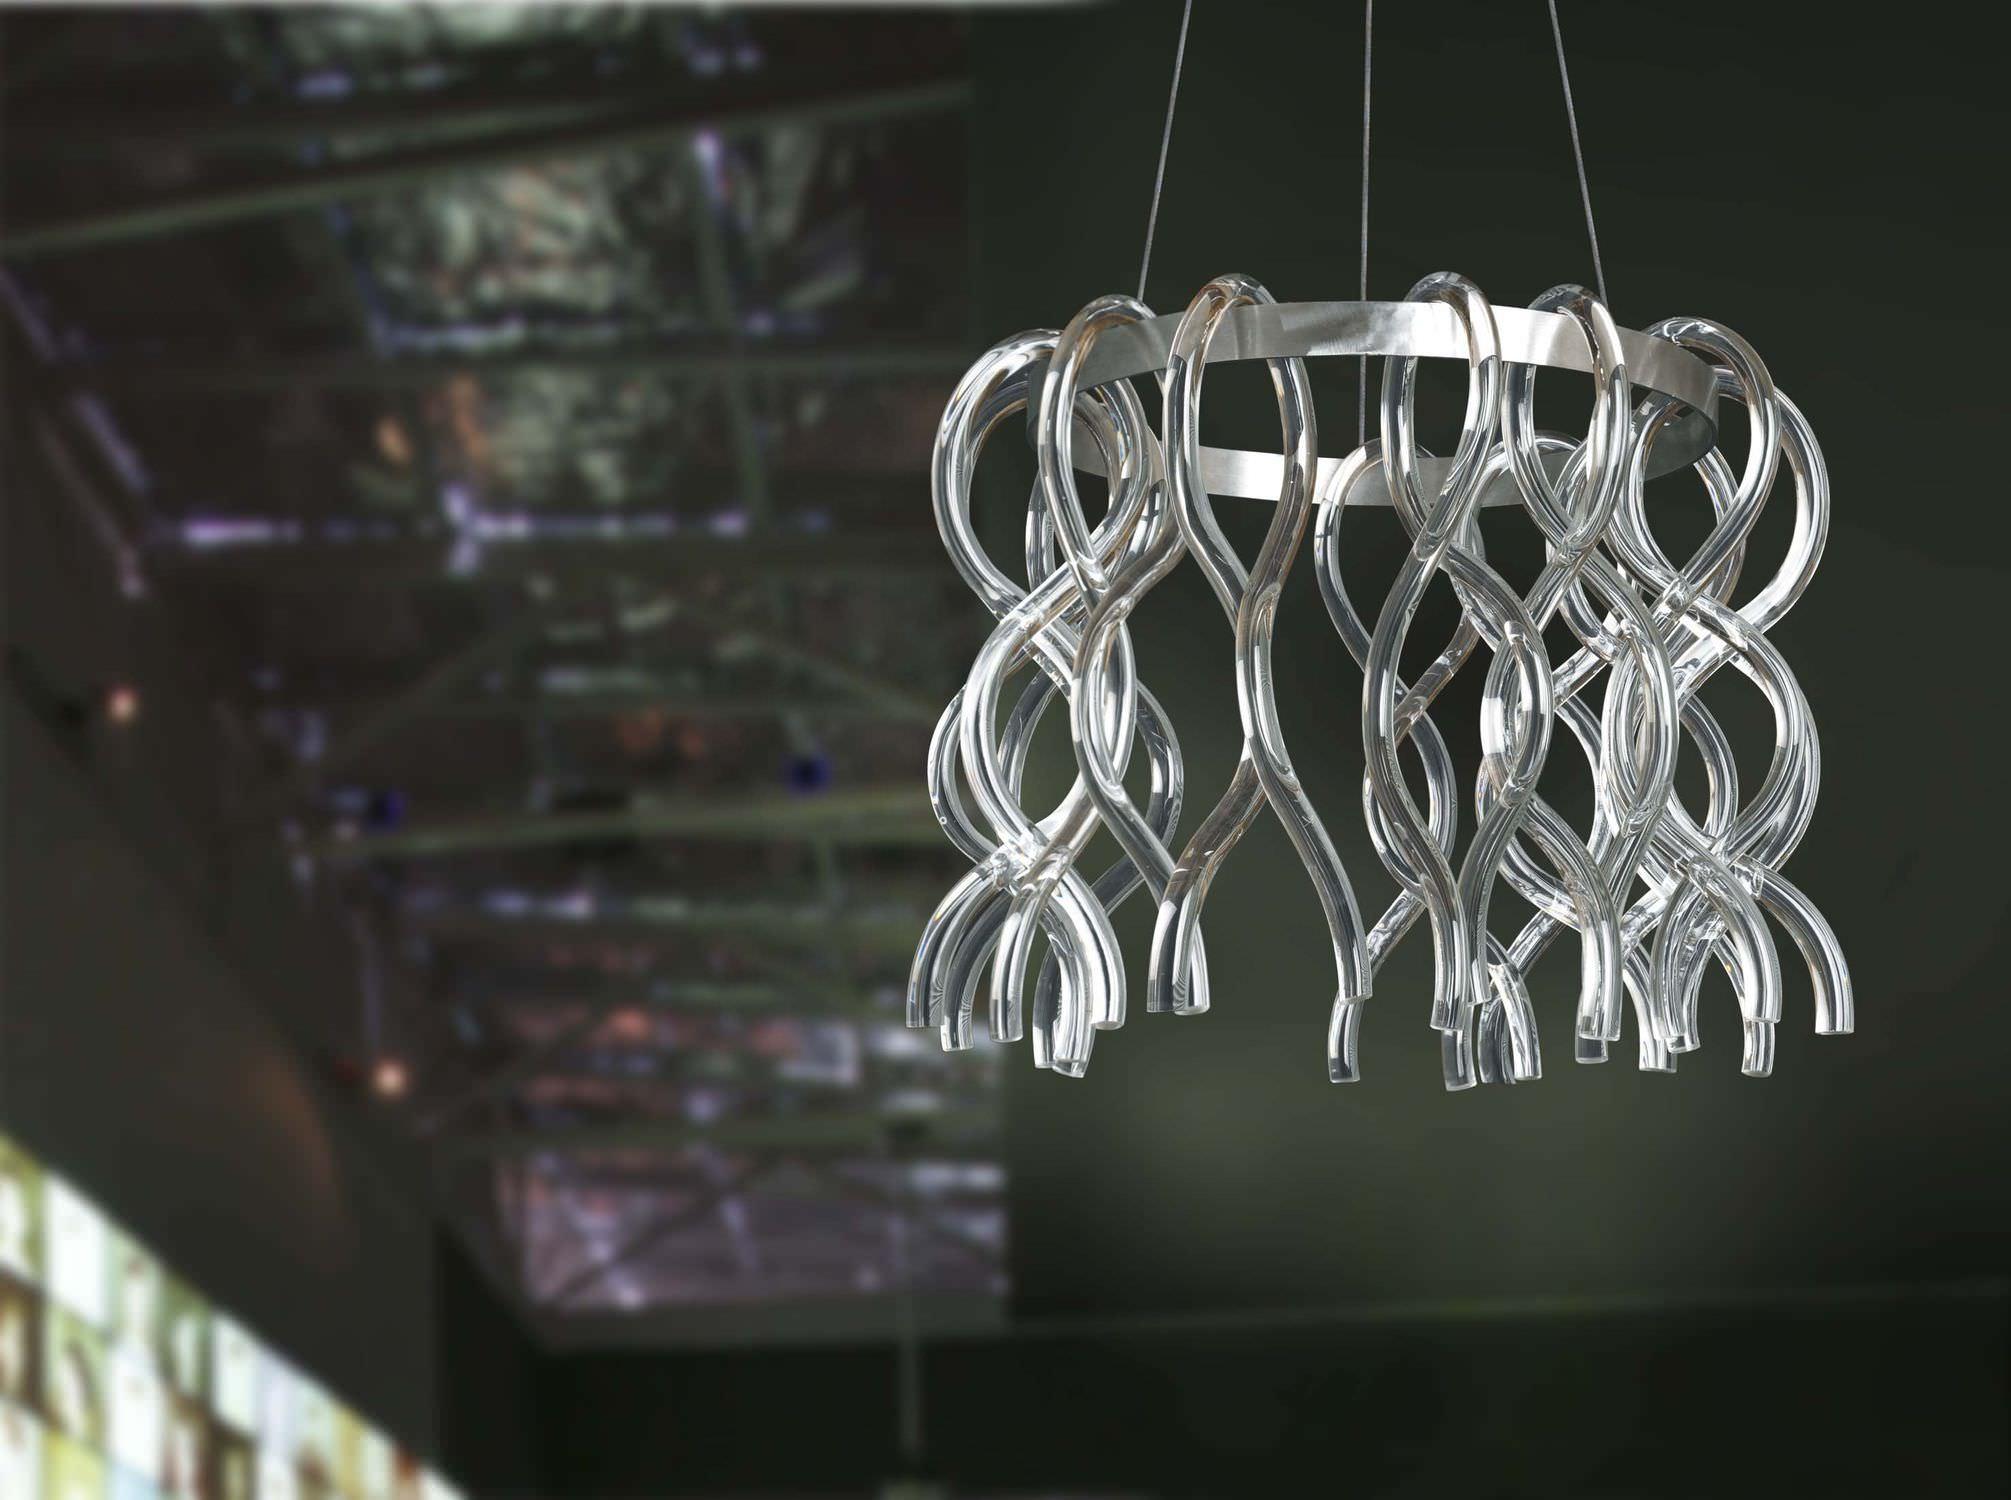 Lampada a sospensione design originale in cristallo fatta a